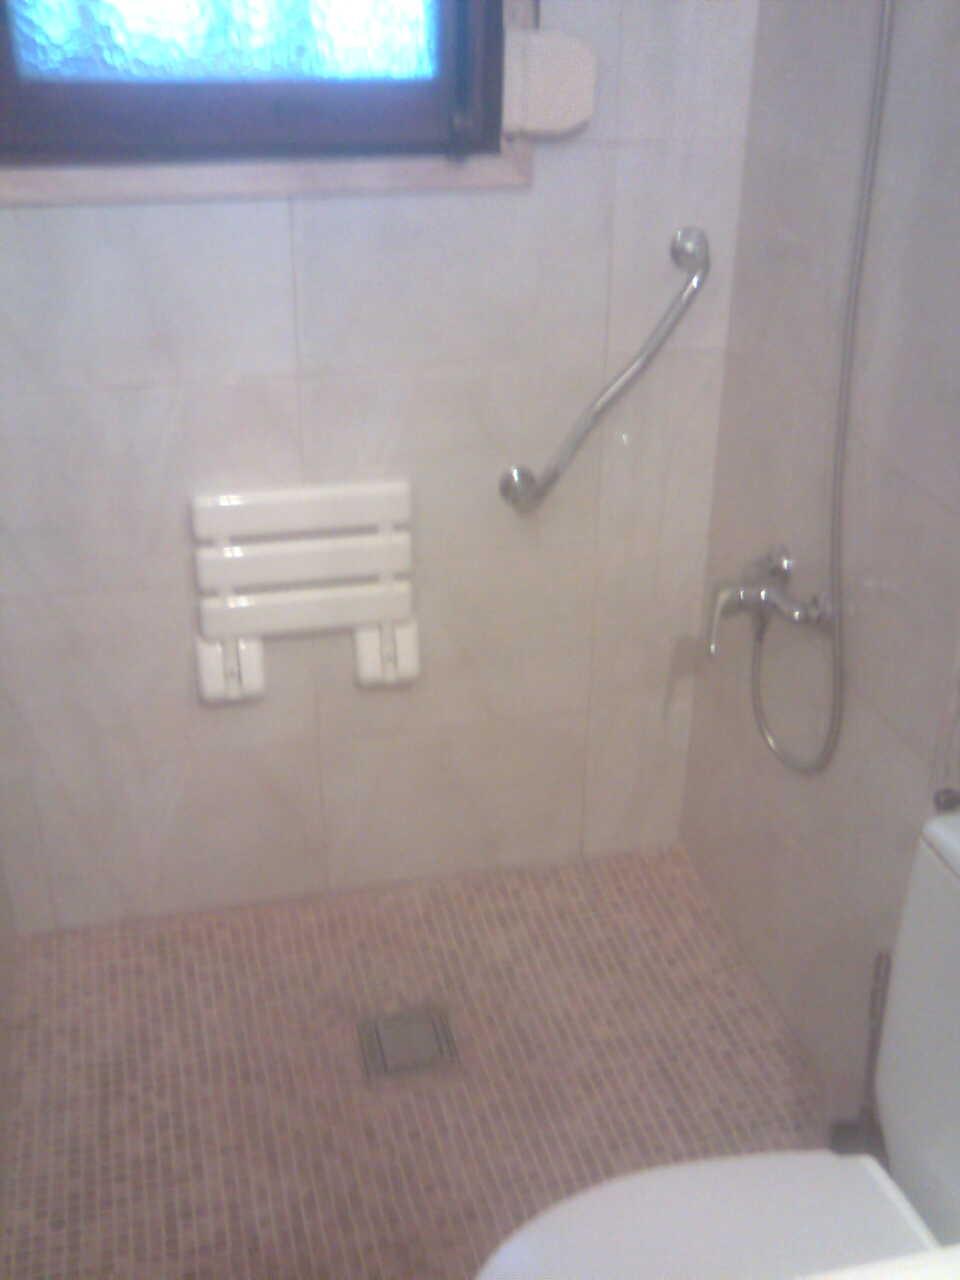 Baño Adaptado Para Personas Mayores:ULTIMA COLOCACION DE PLATOSPACIO EN BAÑO ADAPTADO PARA MINUSVALIDO